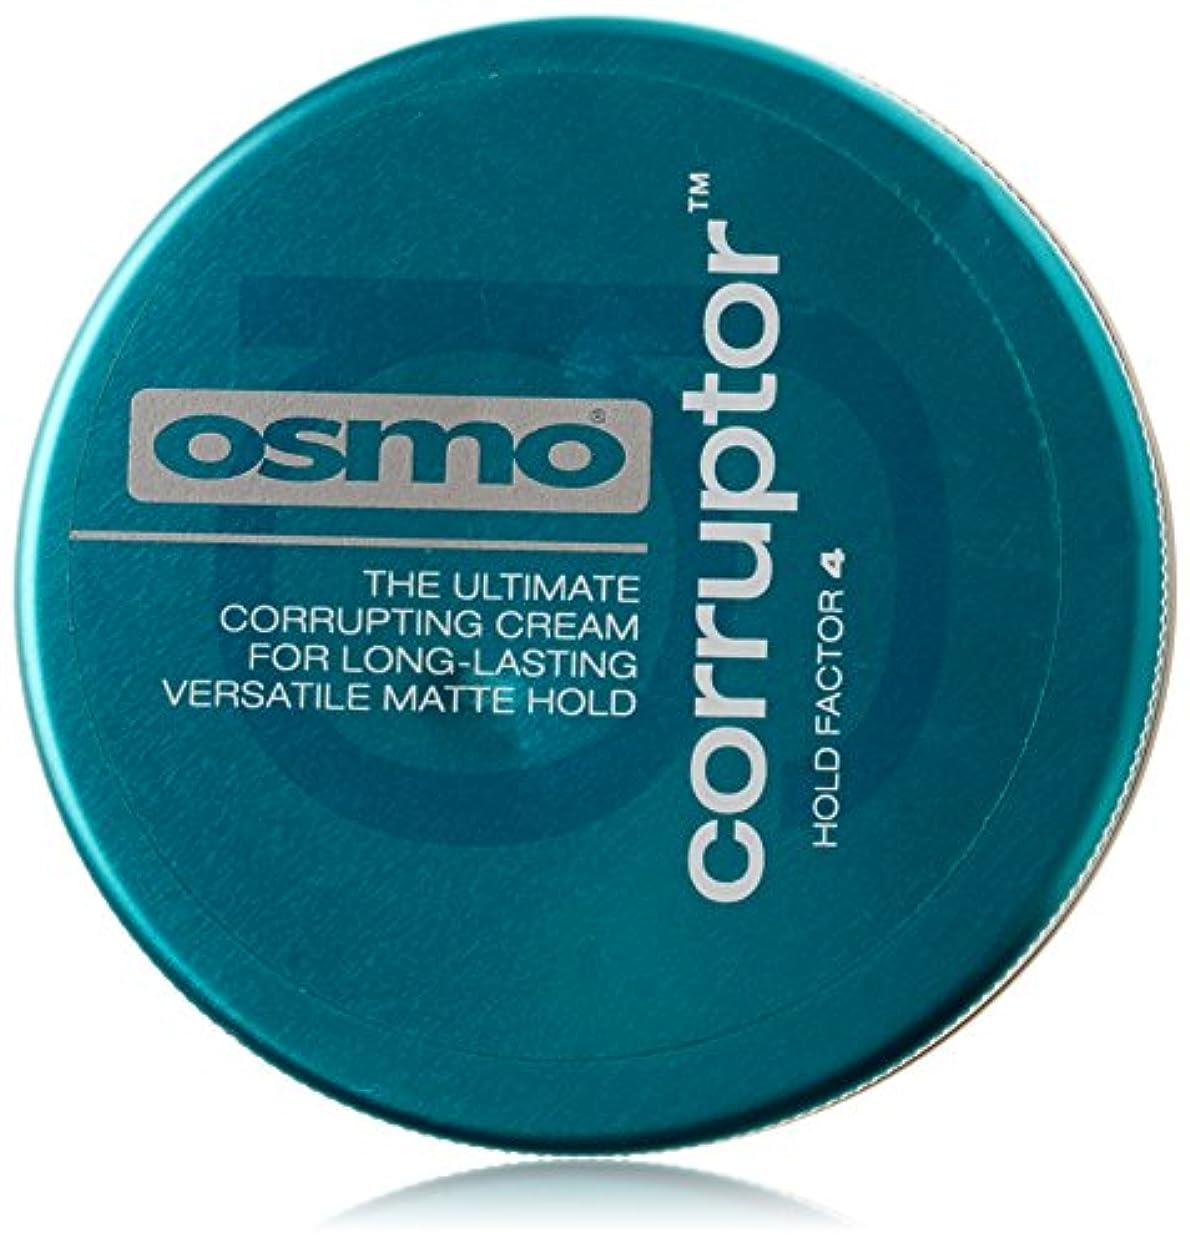 前売暖かくプロポーショナルアレス OSMO ヘアワックス コラプター 100g